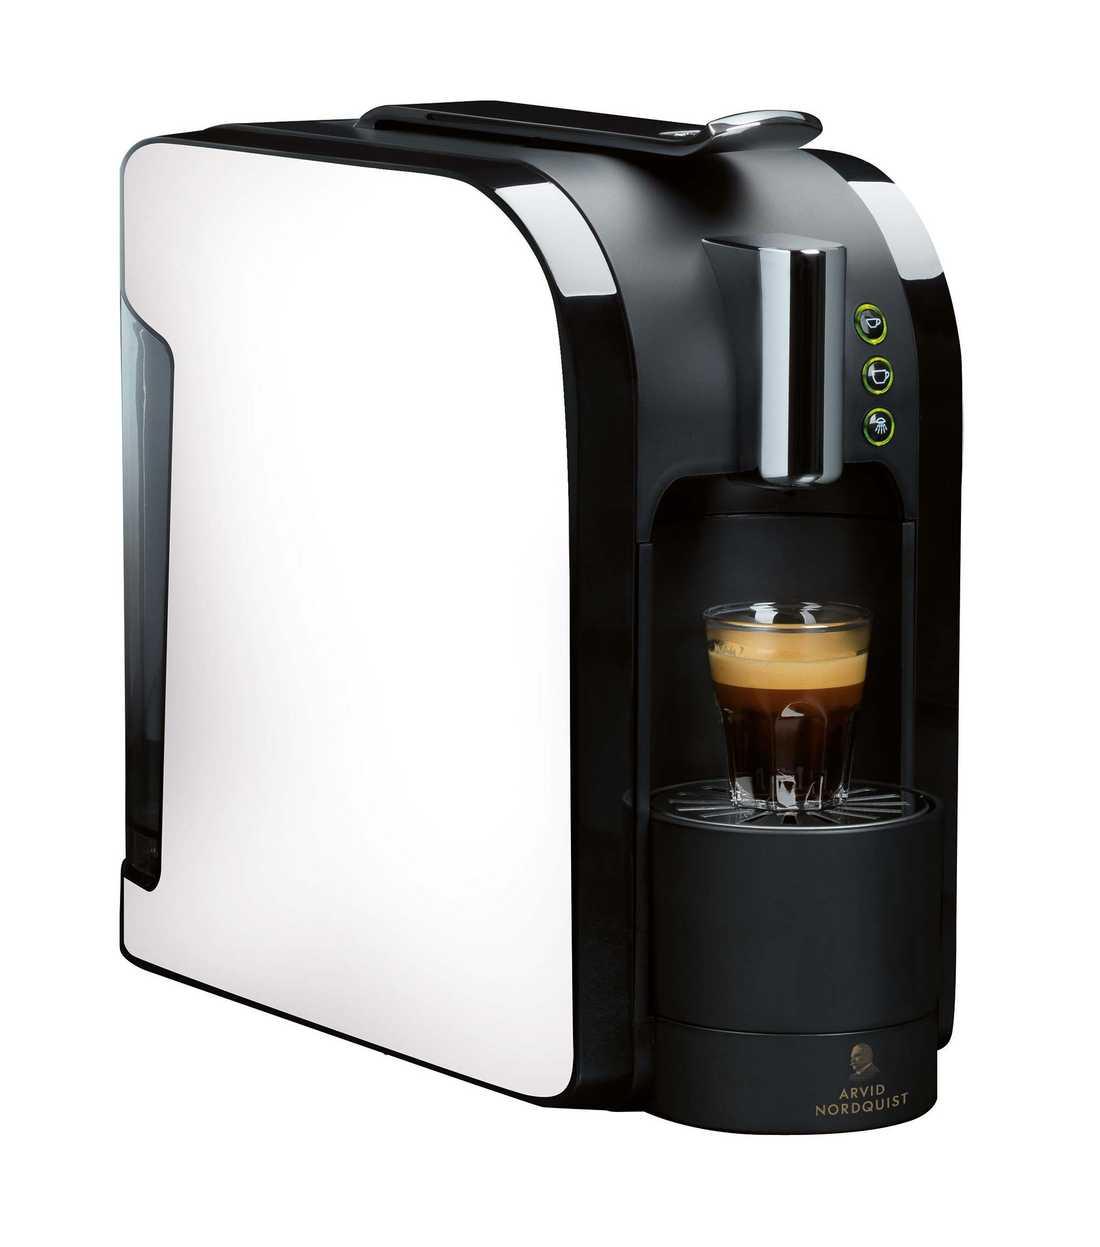 Kaffekapselmaskin är oddssättarnas favorit som 'Årets julklapp' 2014.